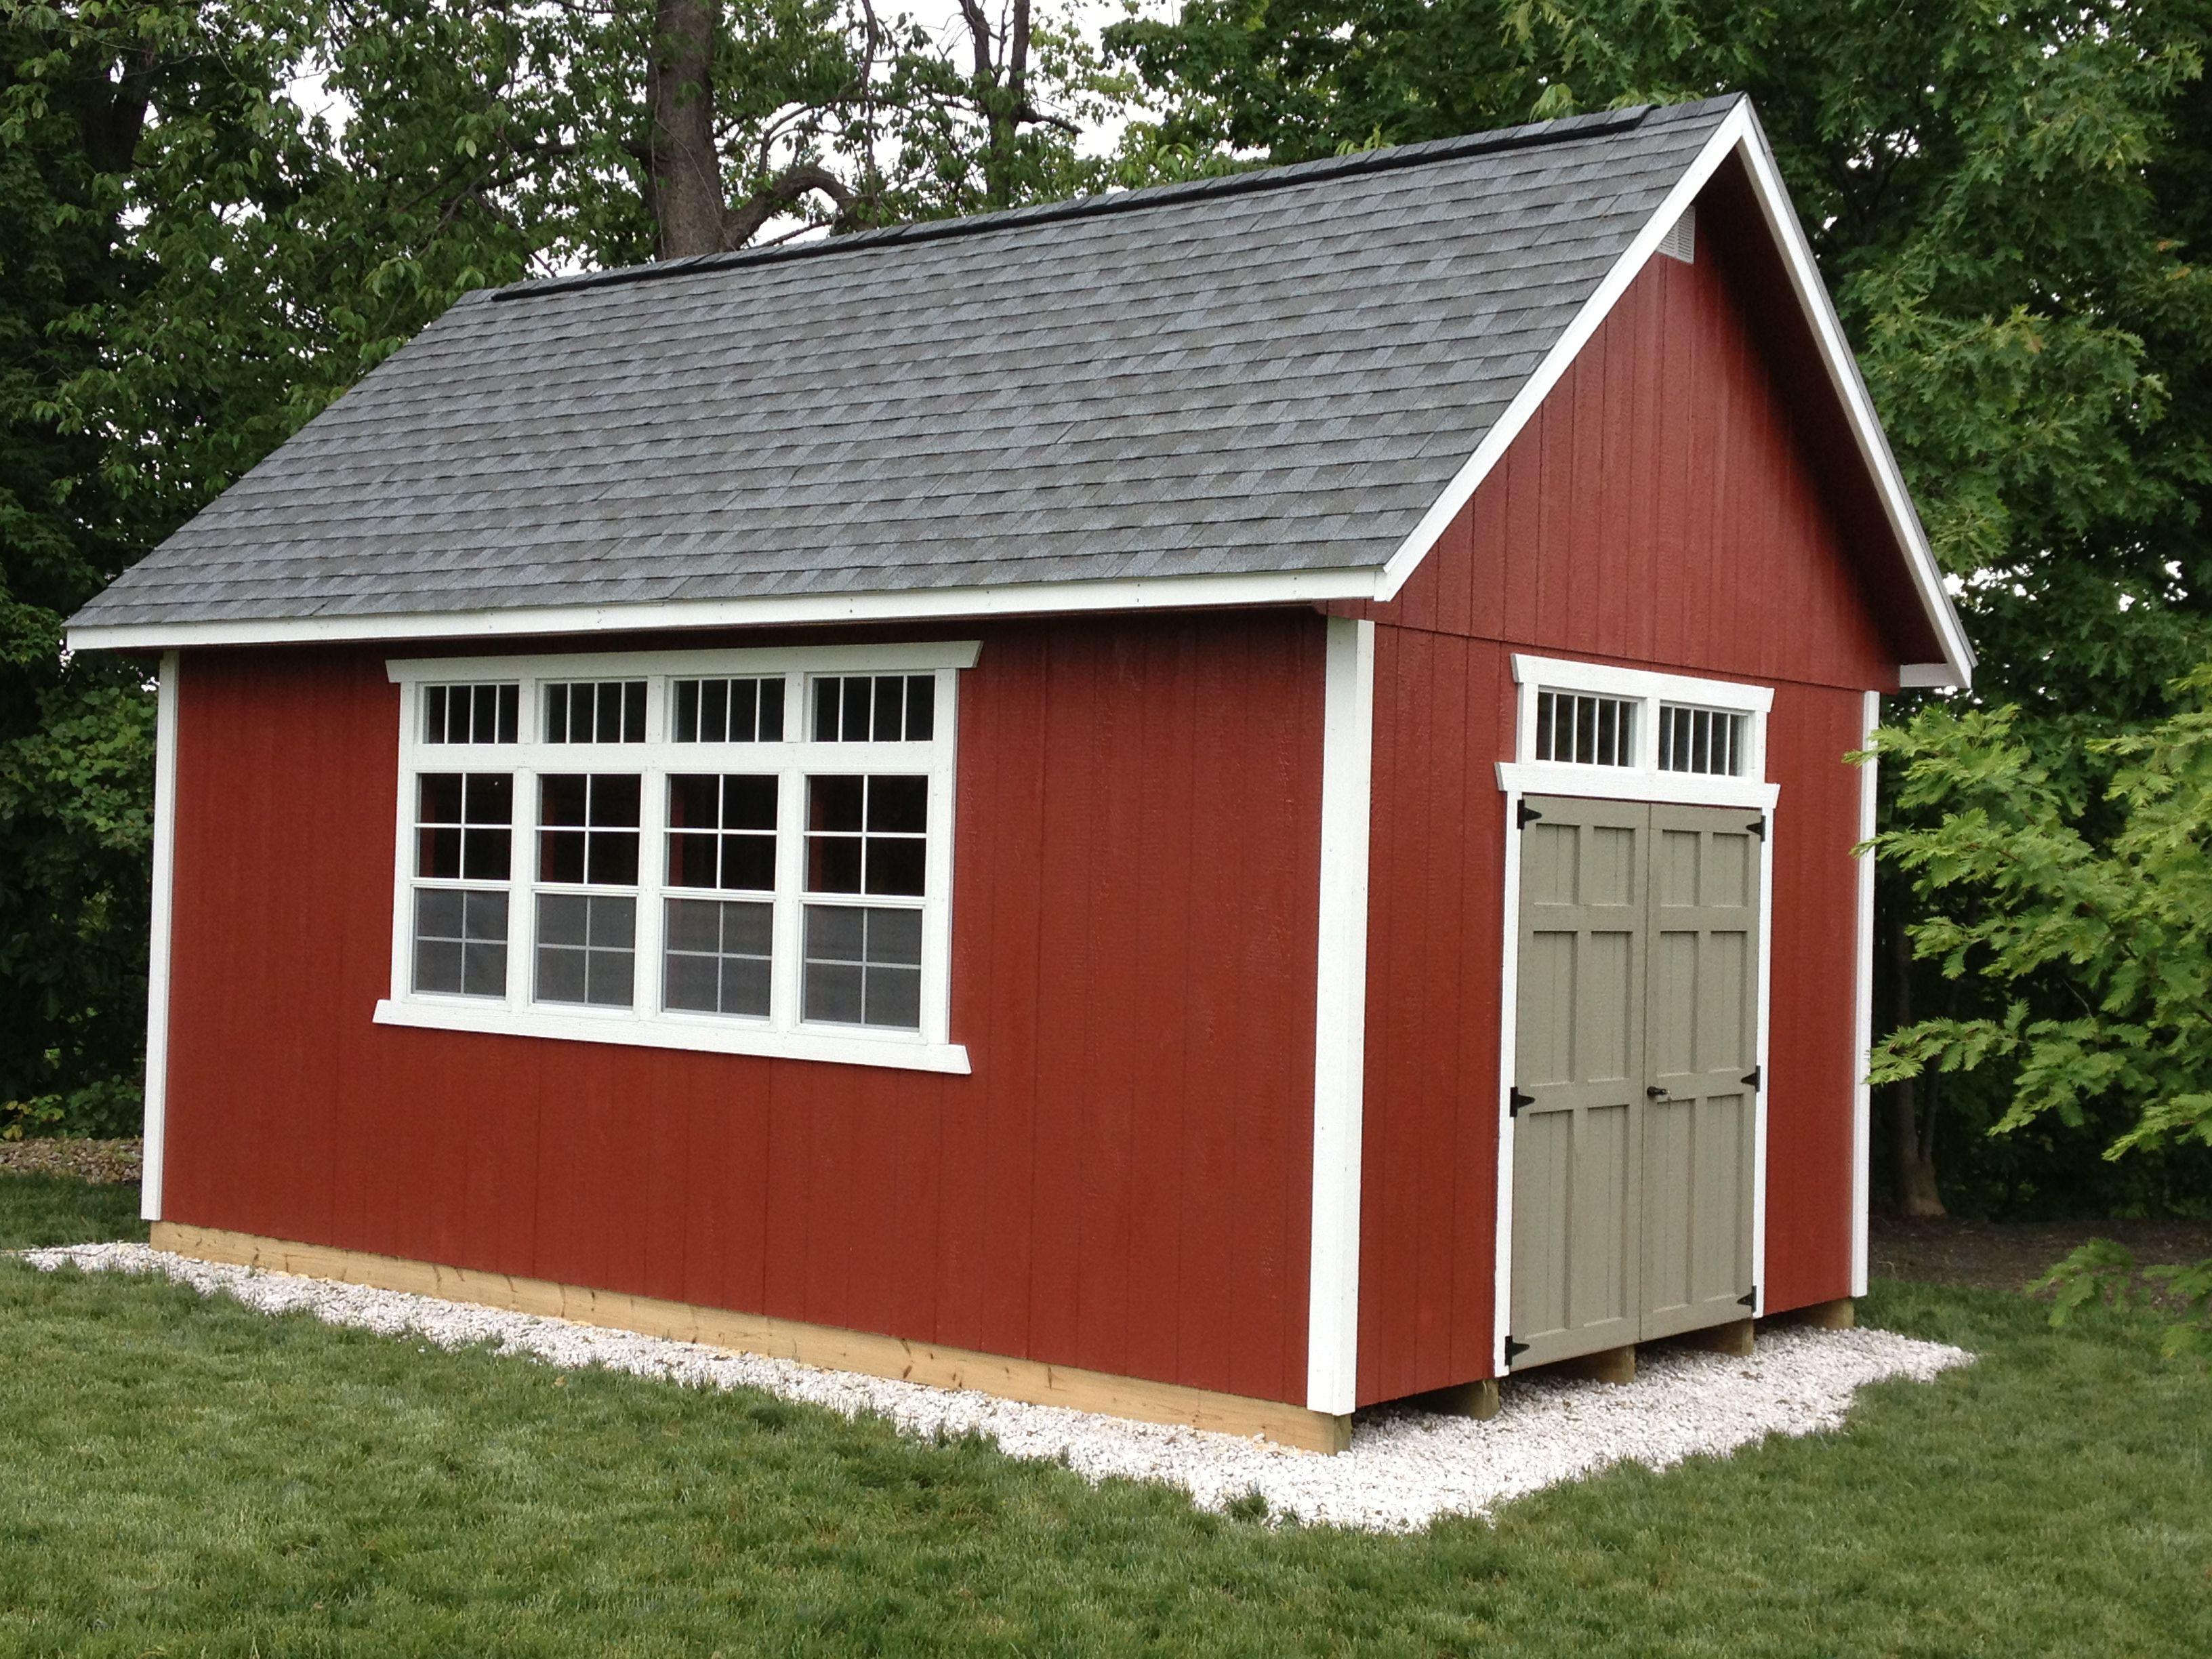 garden shed - Garden Sheds Ohio